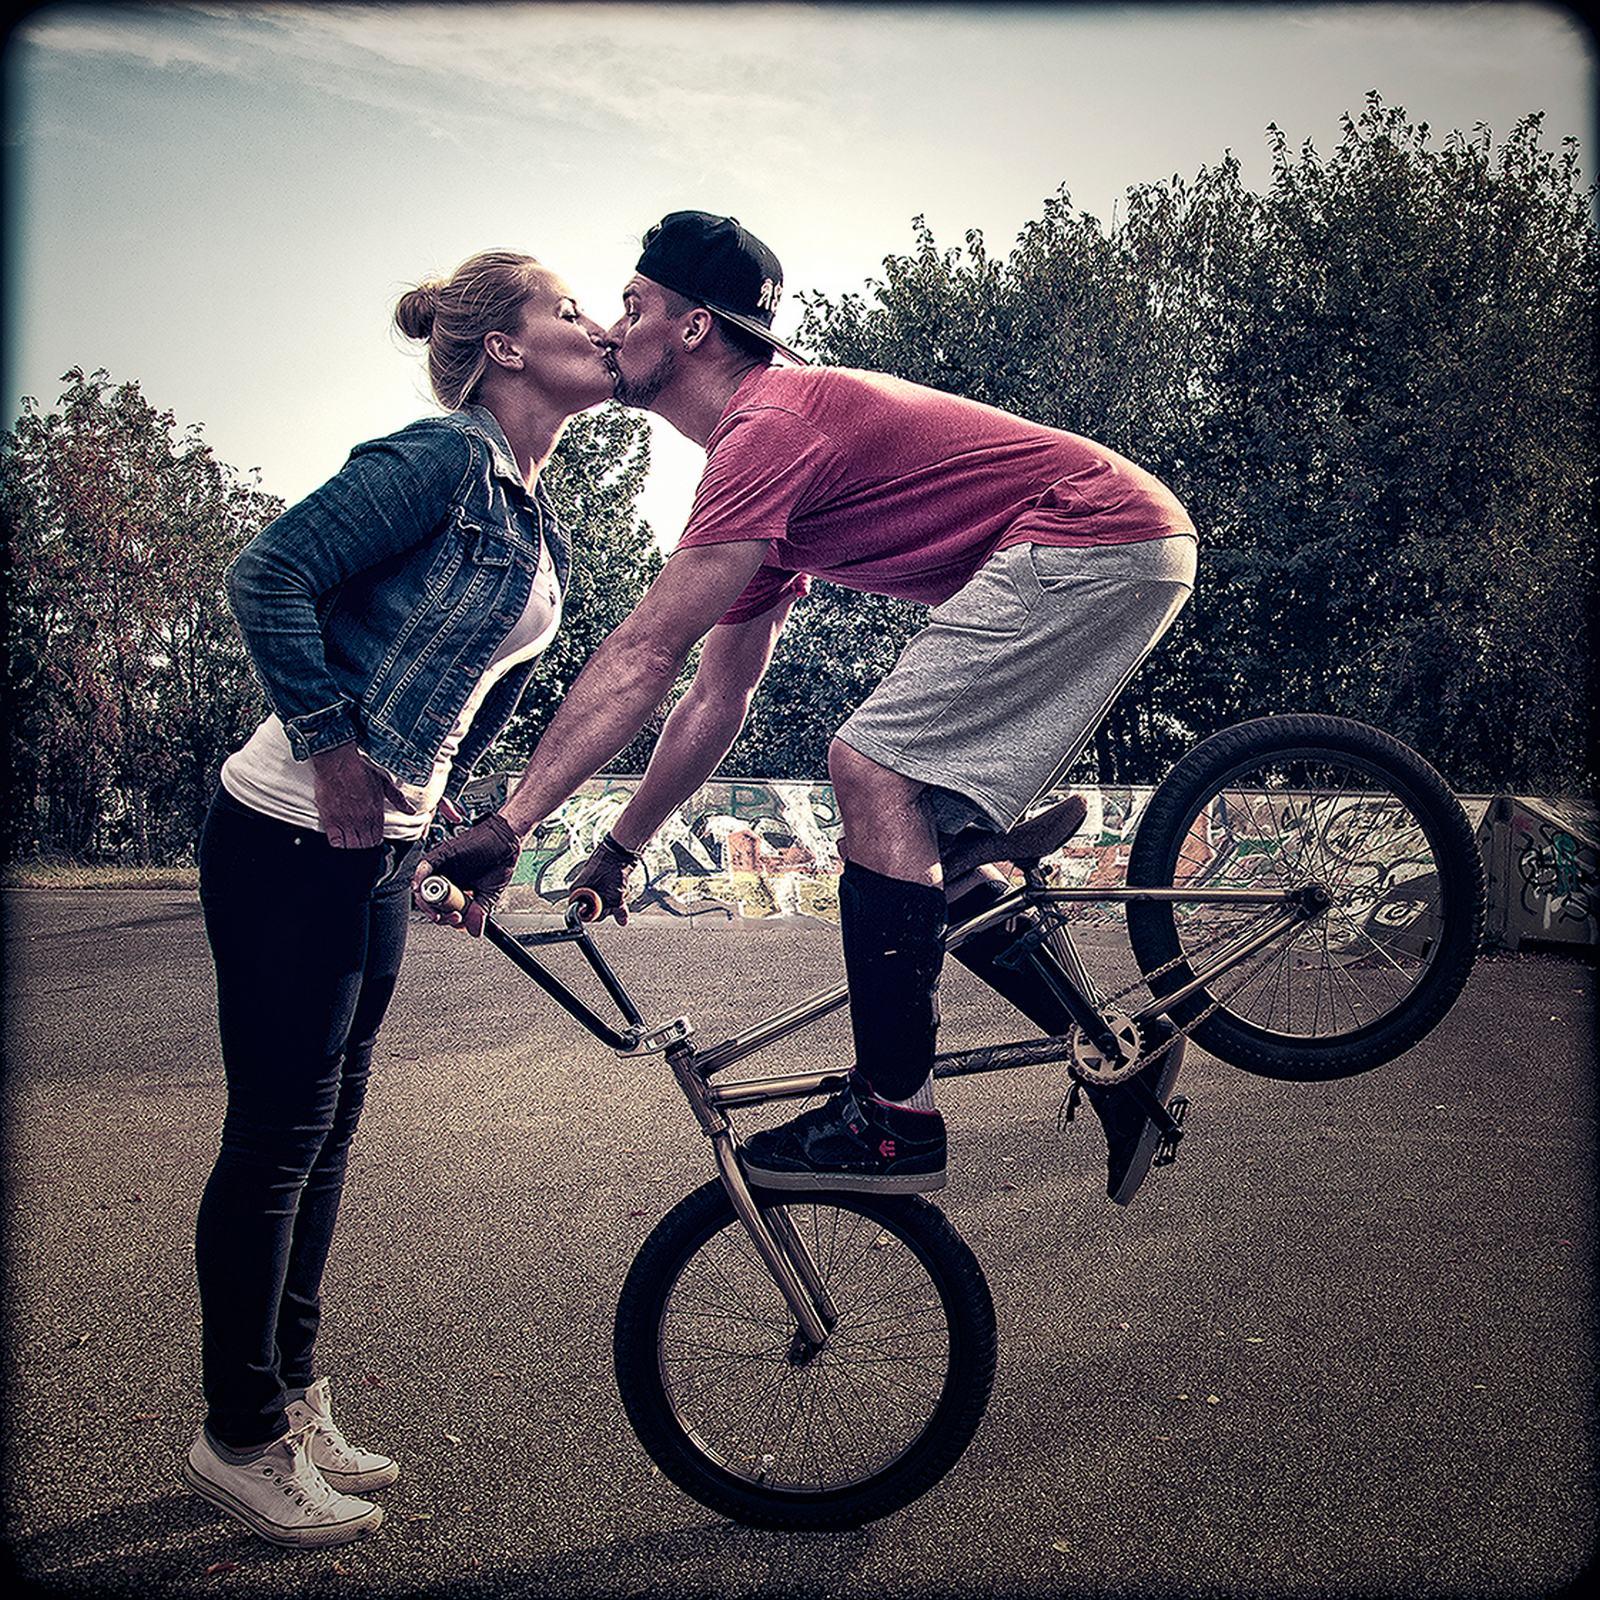 Mann steht auf dem Vorderrad seines BMX und gibt einer Frau einen Kuss.